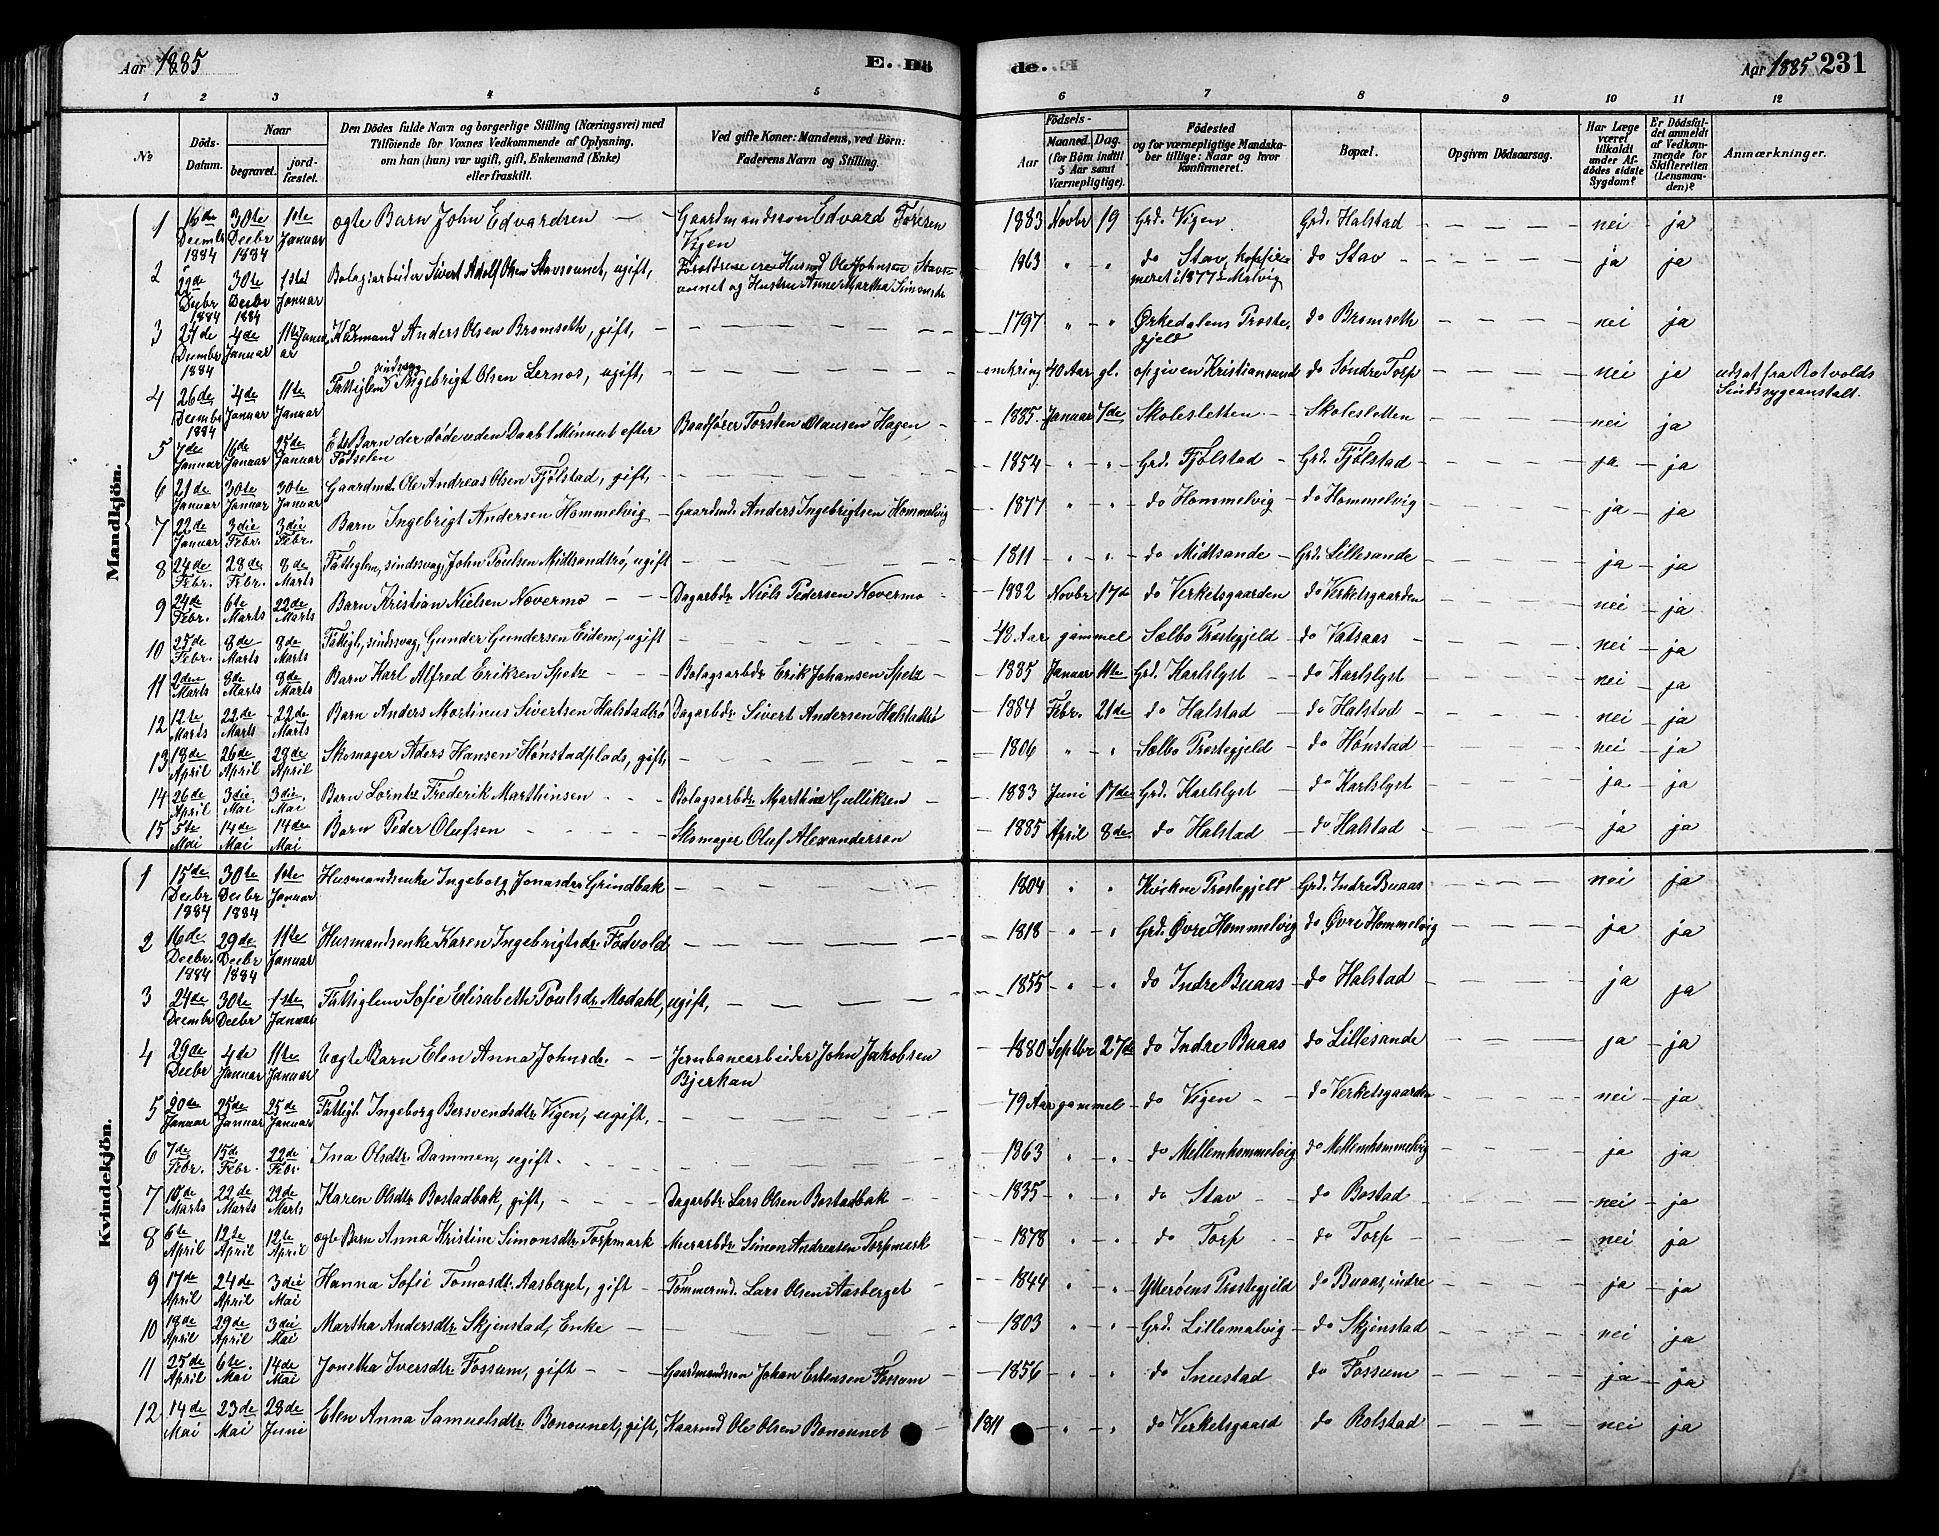 SAT, Ministerialprotokoller, klokkerbøker og fødselsregistre - Sør-Trøndelag, 616/L0423: Klokkerbok nr. 616C06, 1878-1903, s. 231